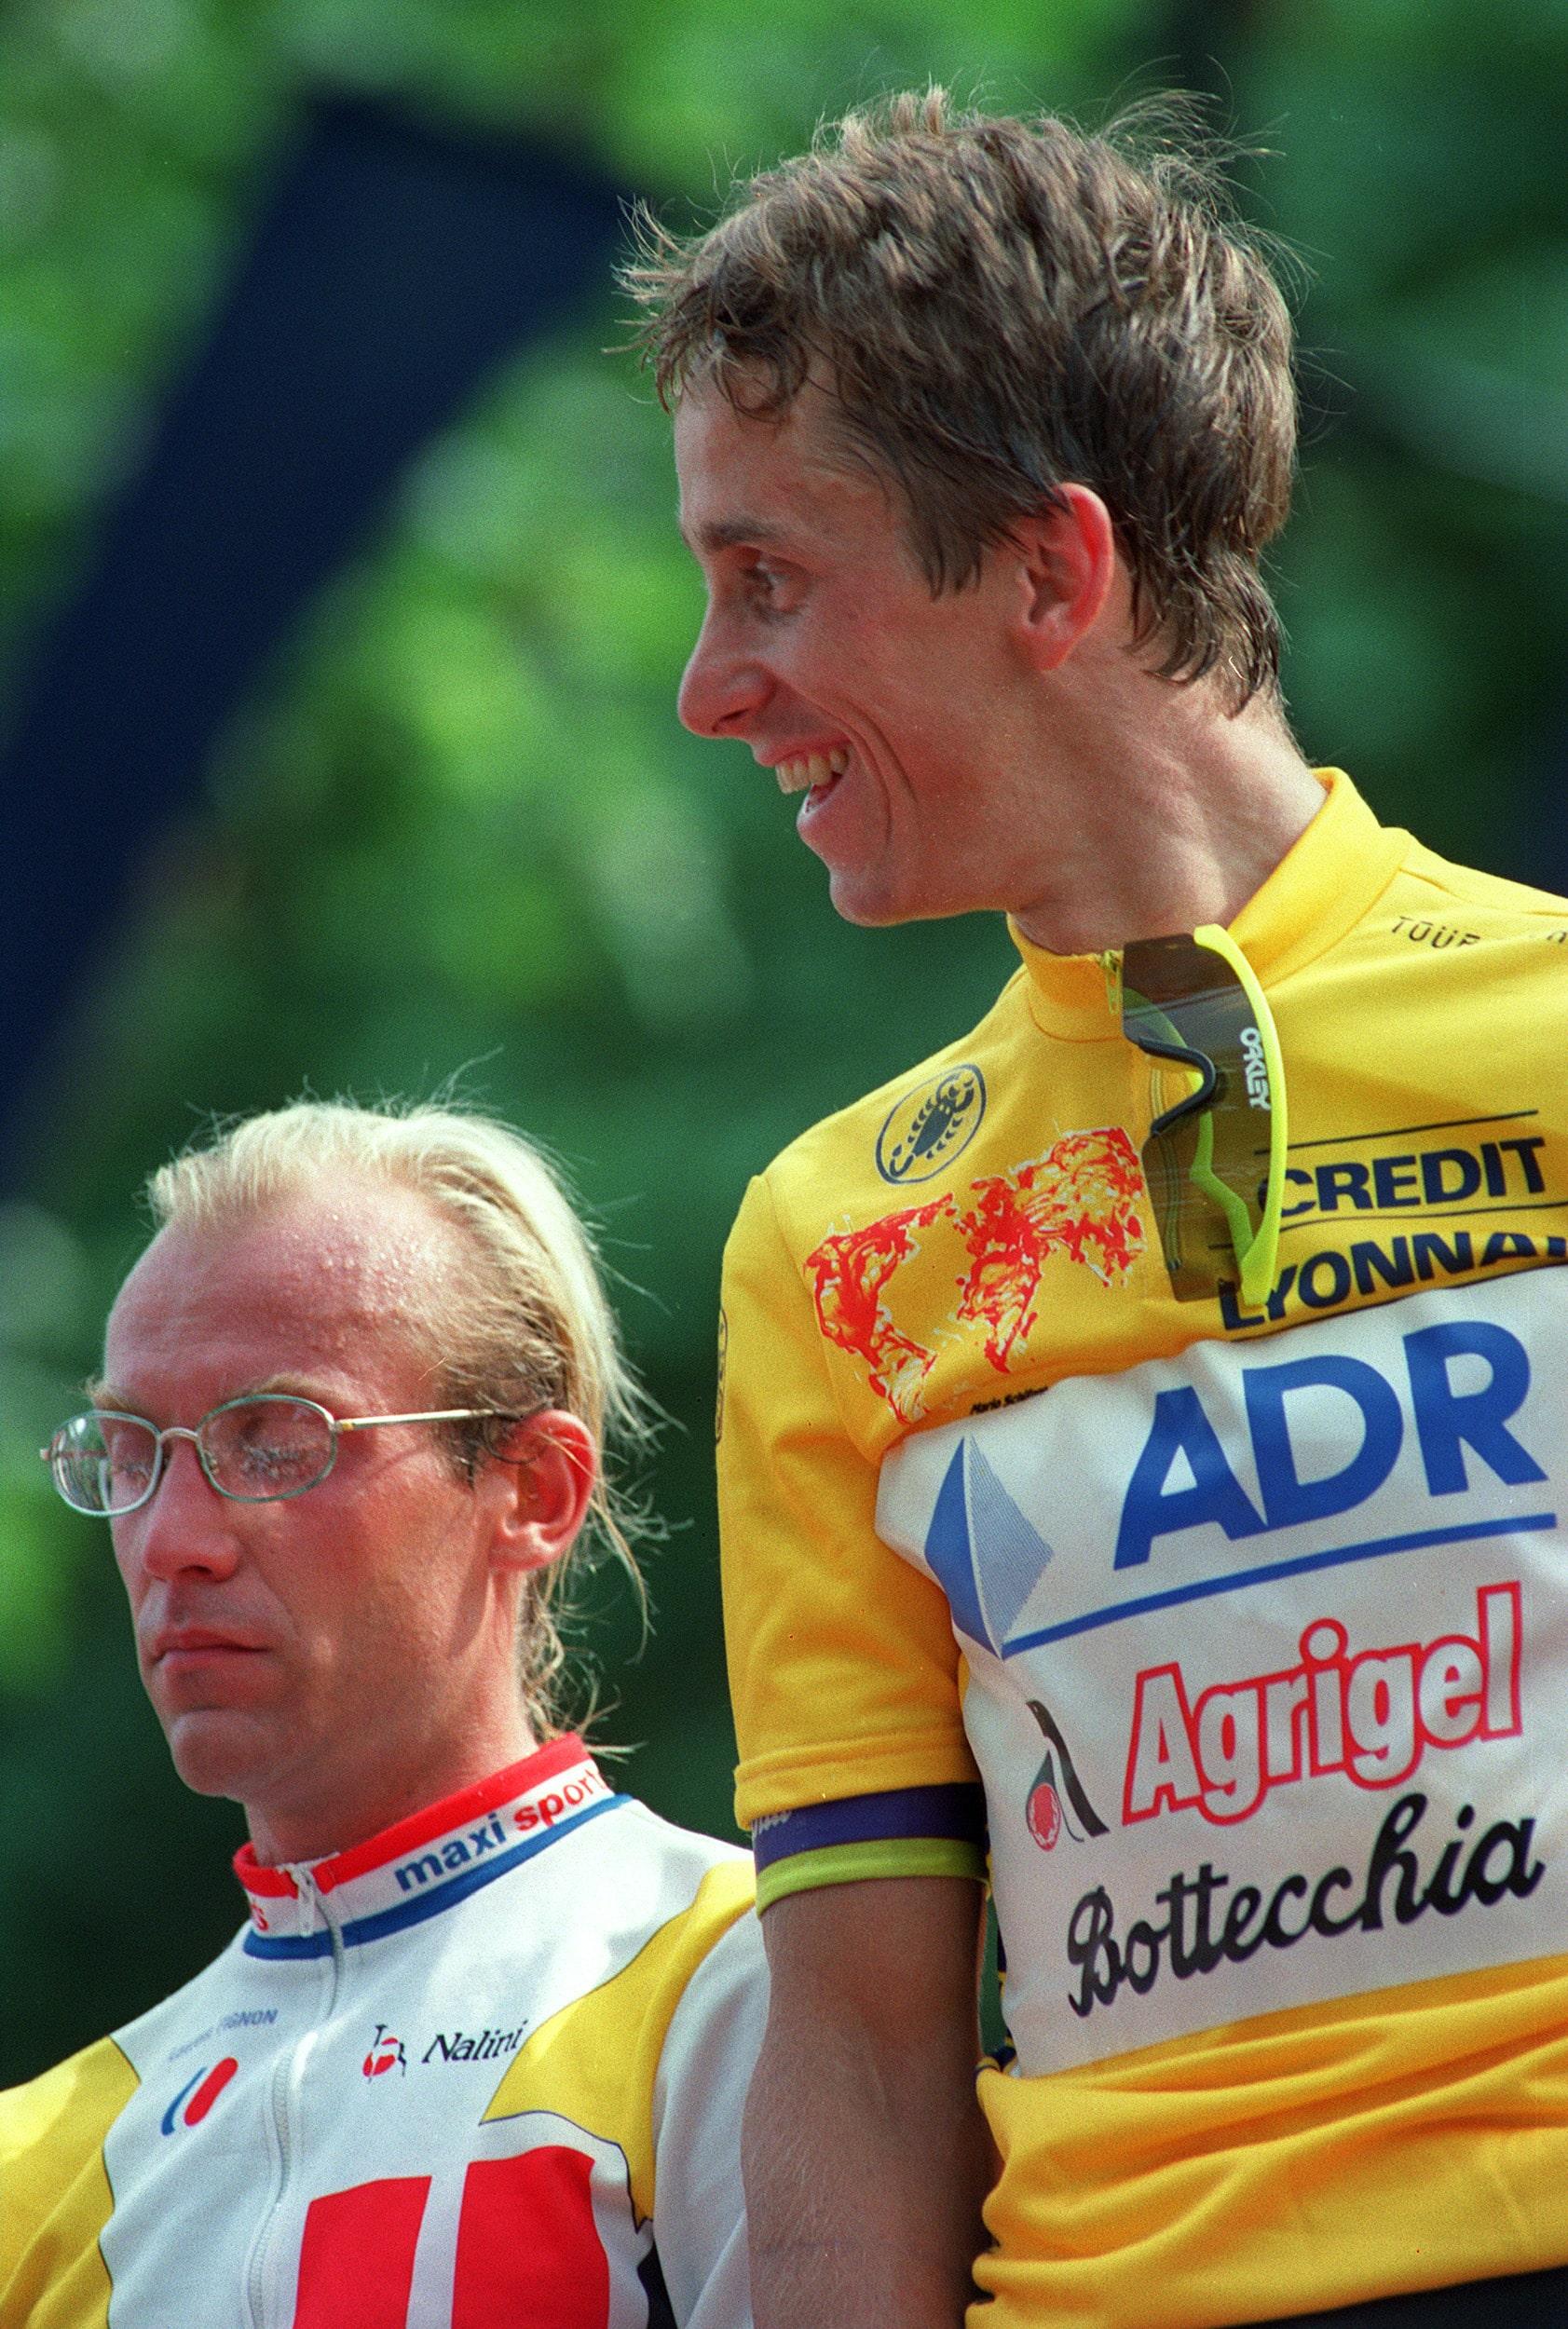 Fignon, junto a Greg Lemond, quien ganó el Tour de Francia de 1989